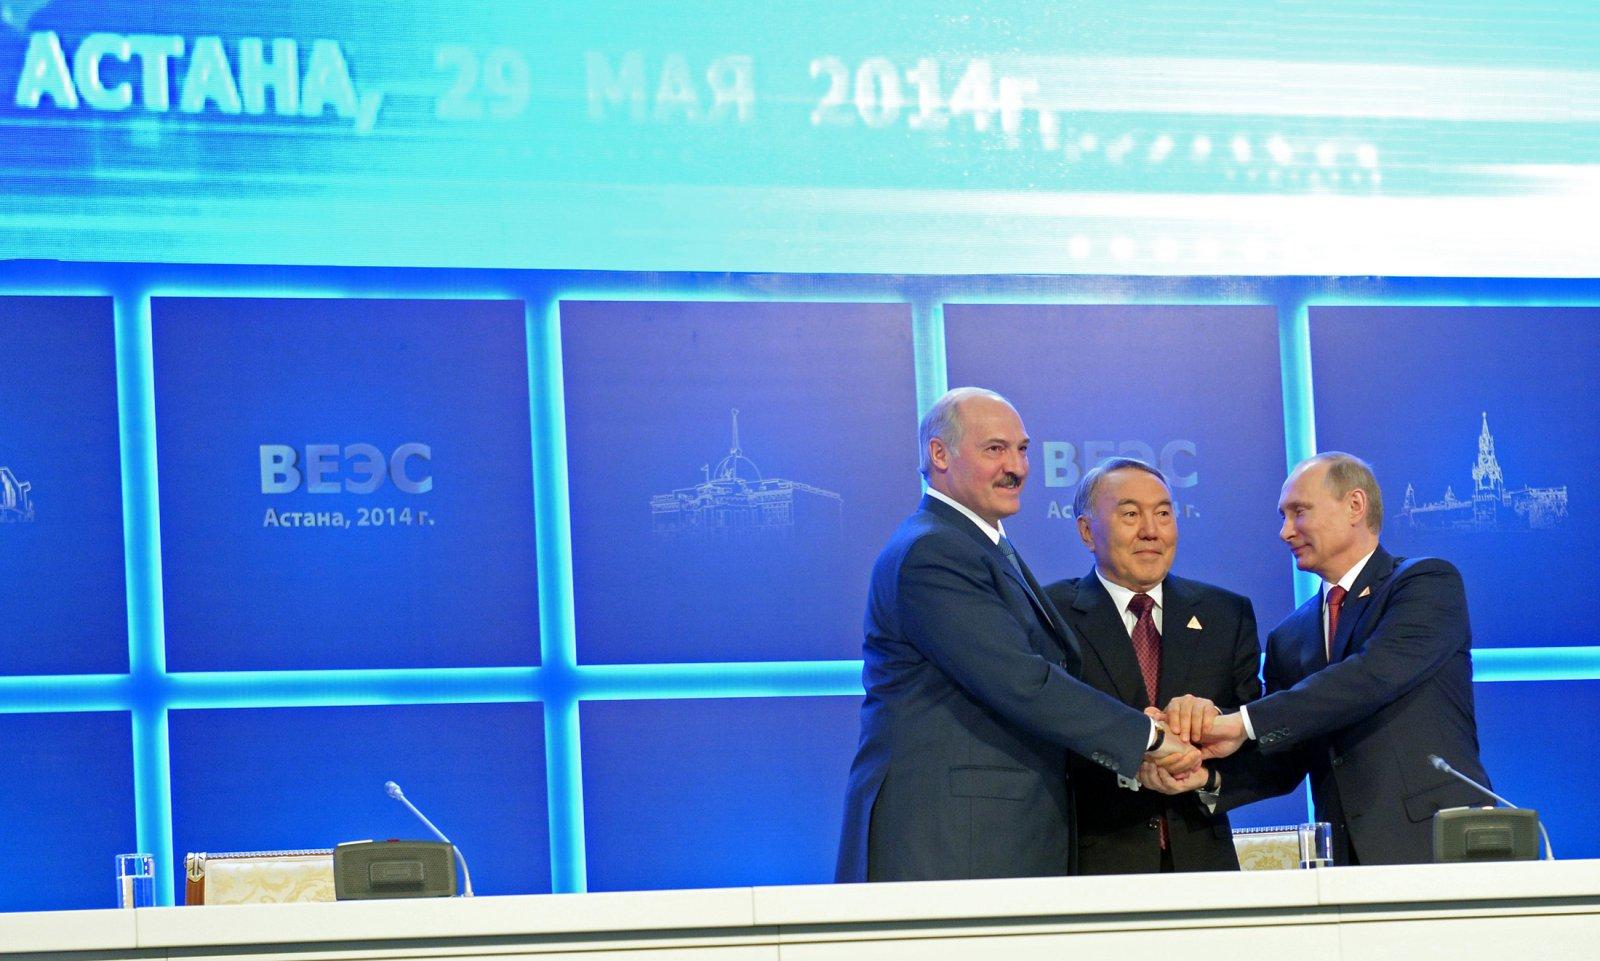 Казахстан и Беларусь - партнеры России по Таможенному союзу.